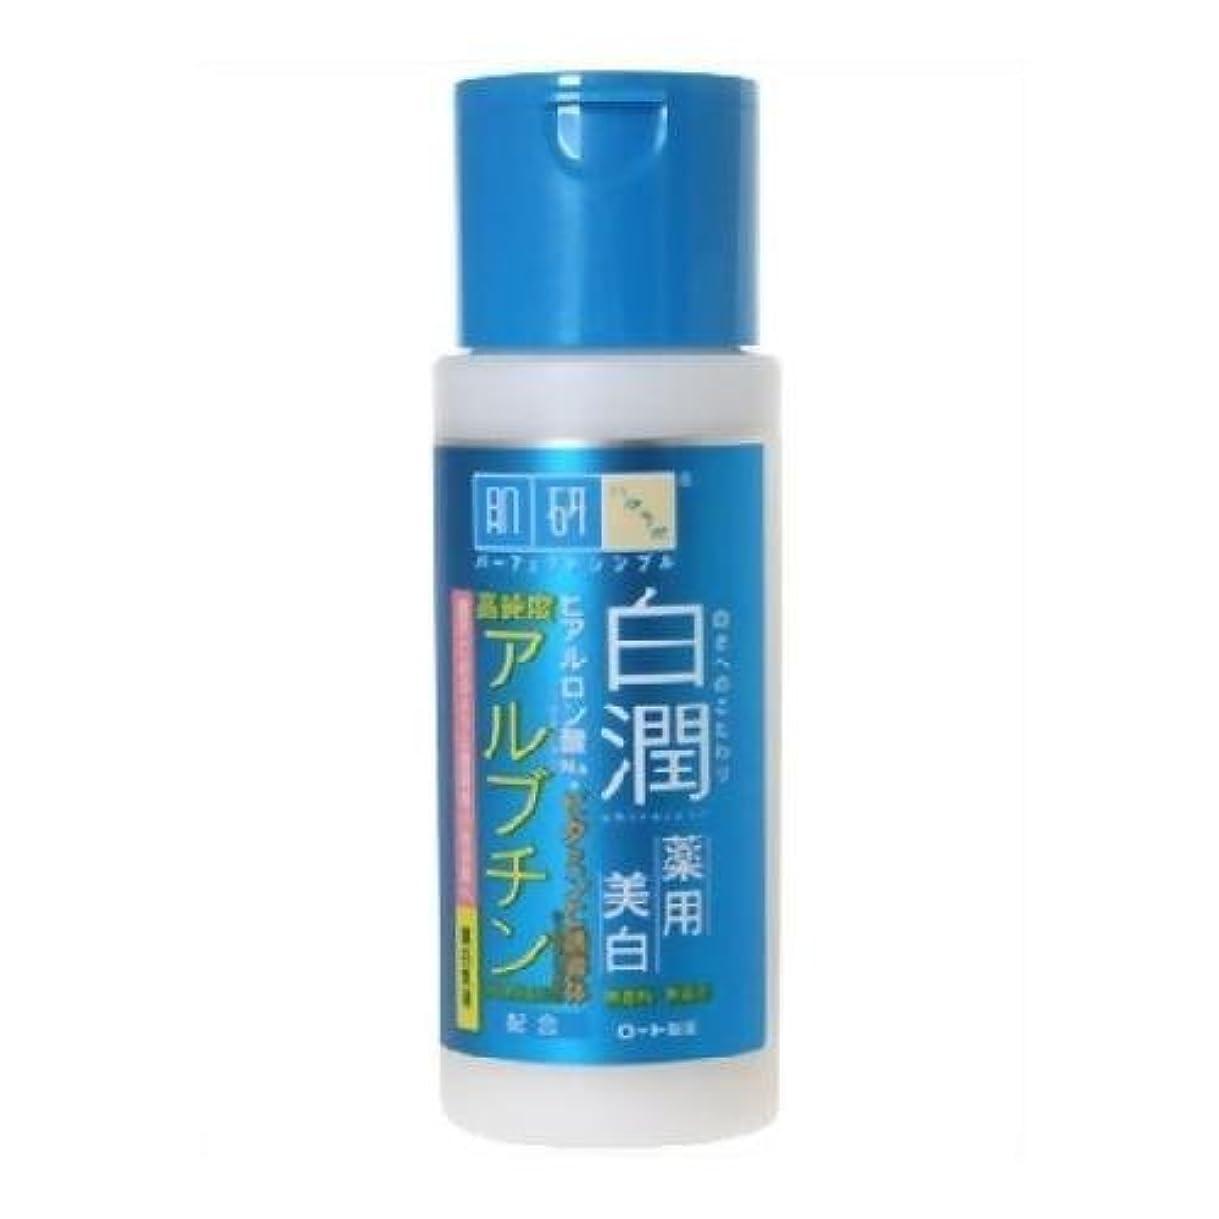 ブローうめき声出版肌研白潤薬用美白乳液 140ml